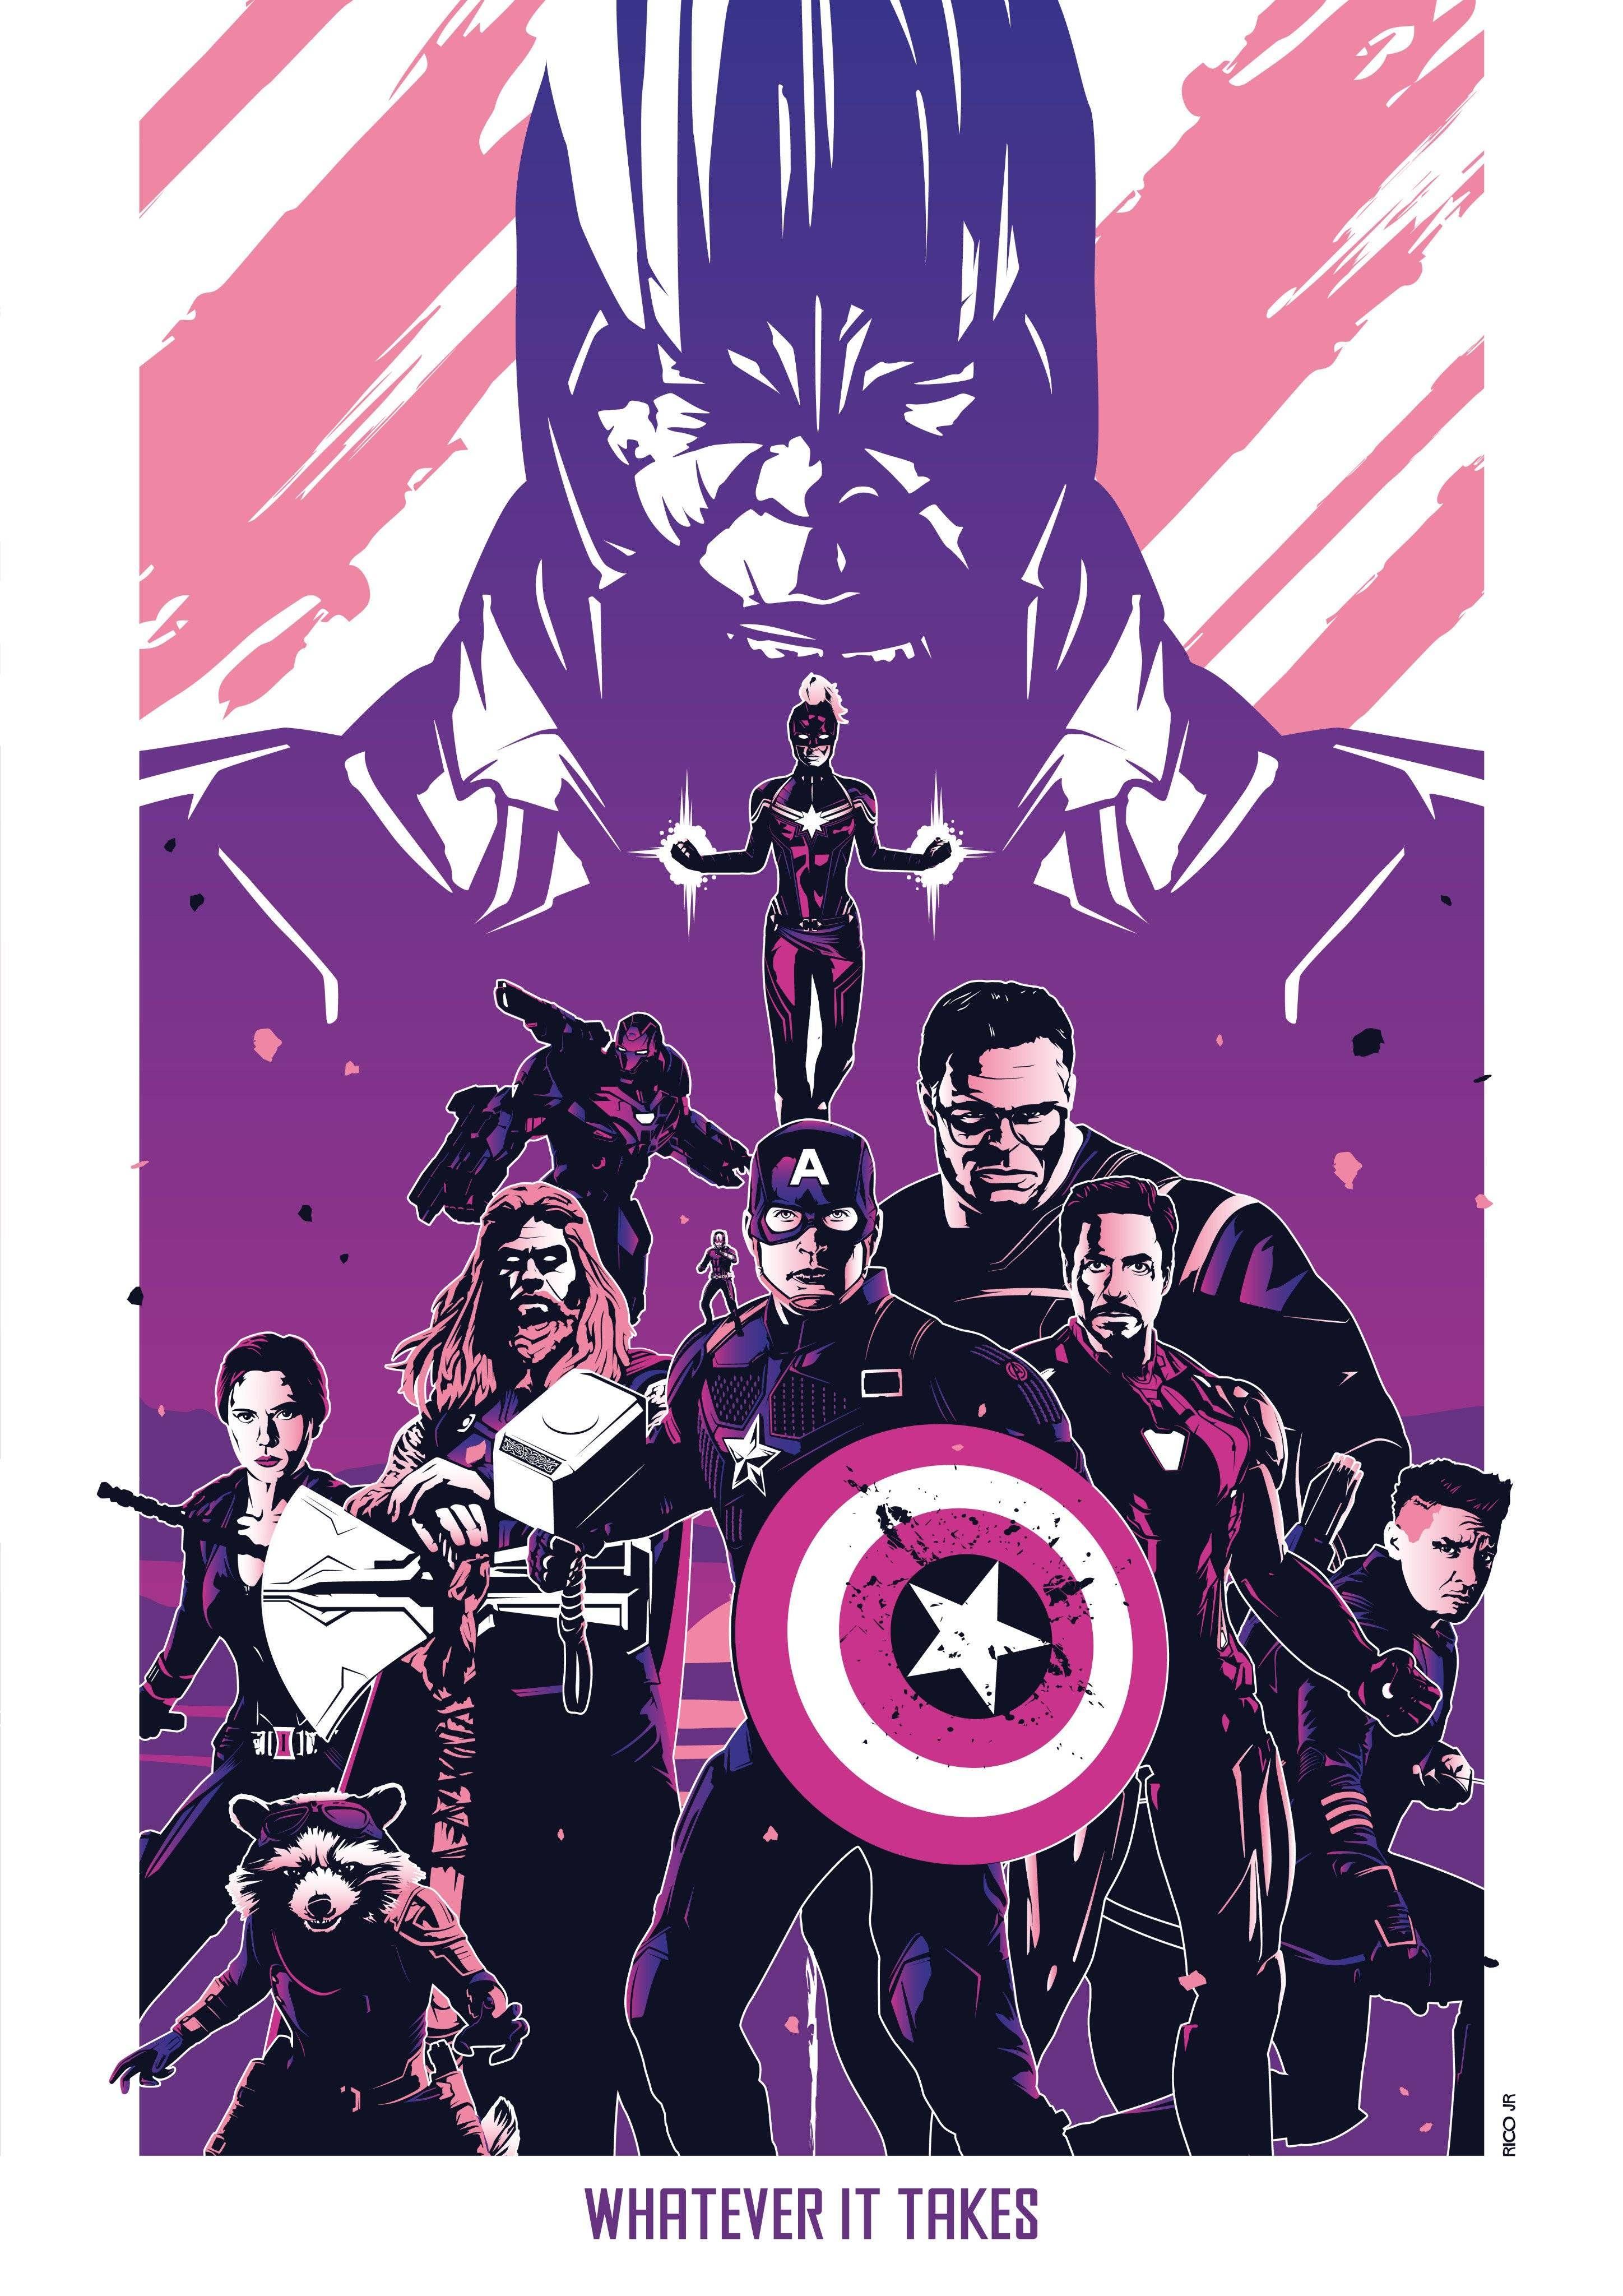 Avengers Endgame Fond D Ecran Avengers Poster Marvel The Avengers